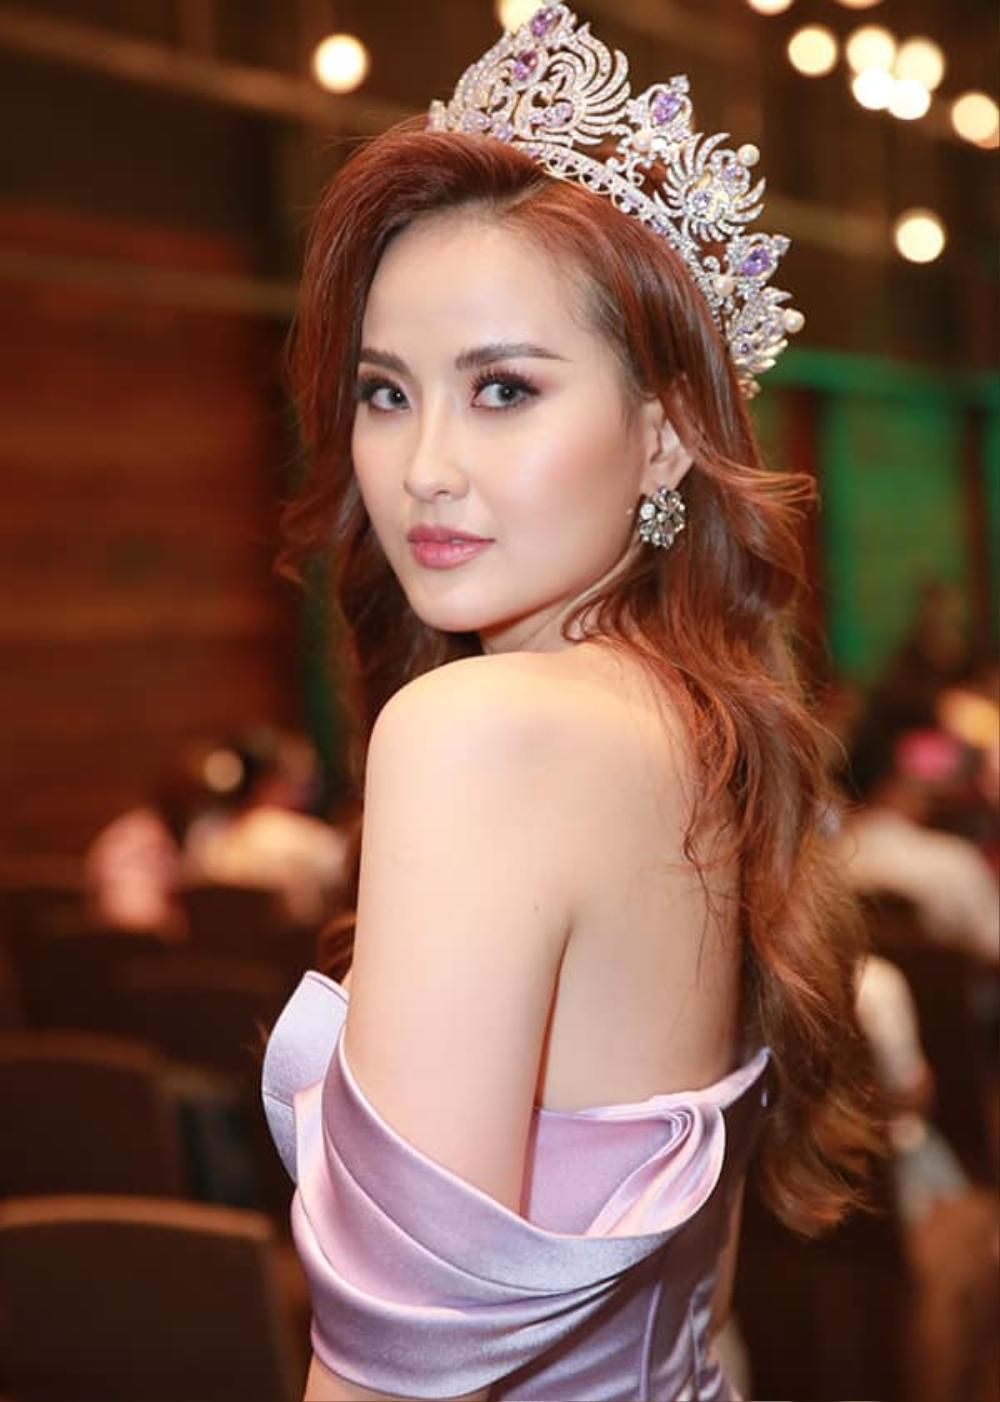 'Hốt sạn' đêm chung kết Hoa khôi Du lịch Việt Nam: Fan 'tẩy chay' không nên tổ chức mùa giải tiếp theo Ảnh 6